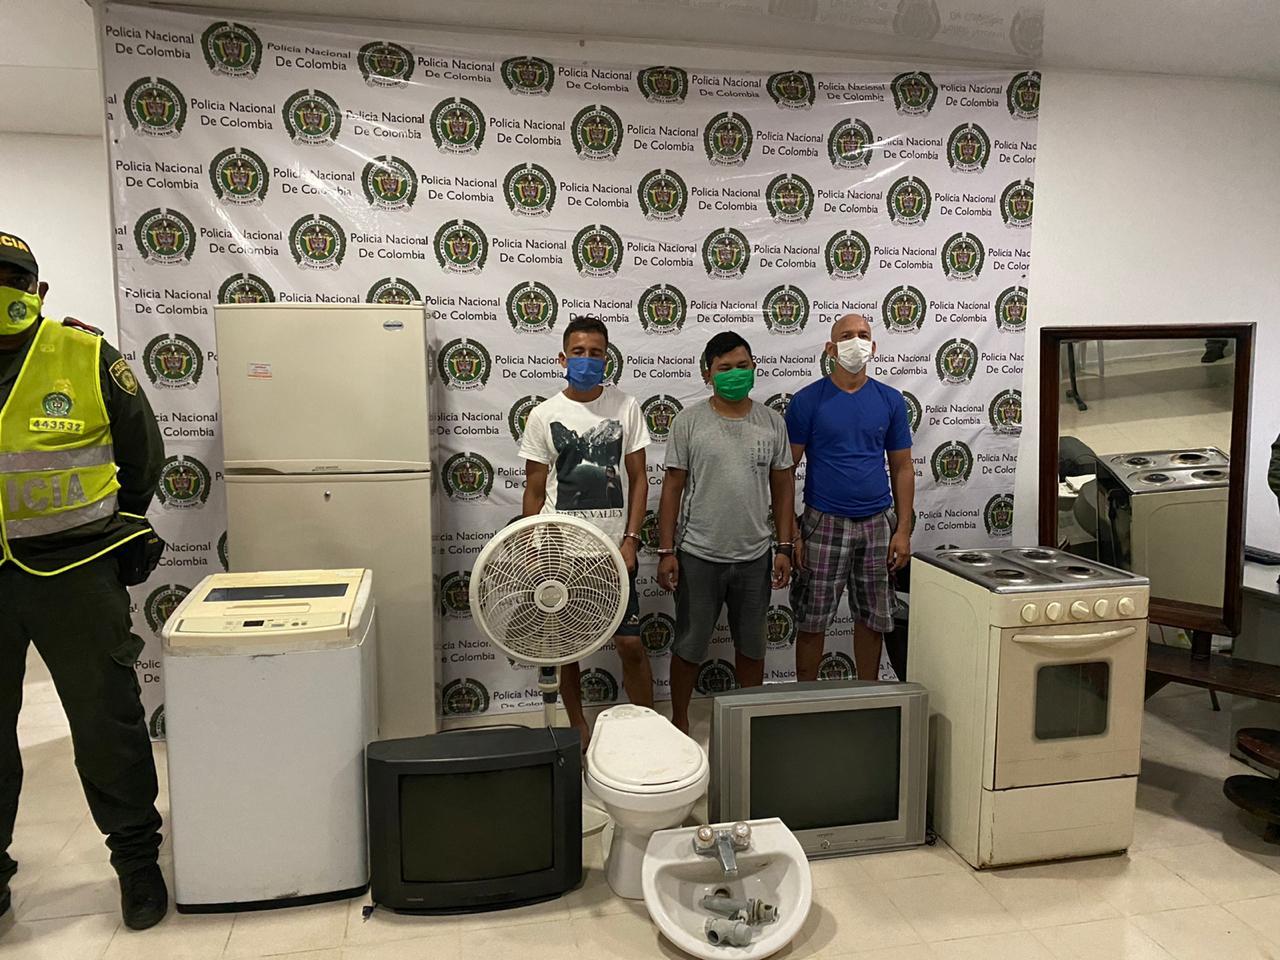 Recuperan electrodomésticos que hurtaron en casa de anciana en Puerto Colombia, Atlántico